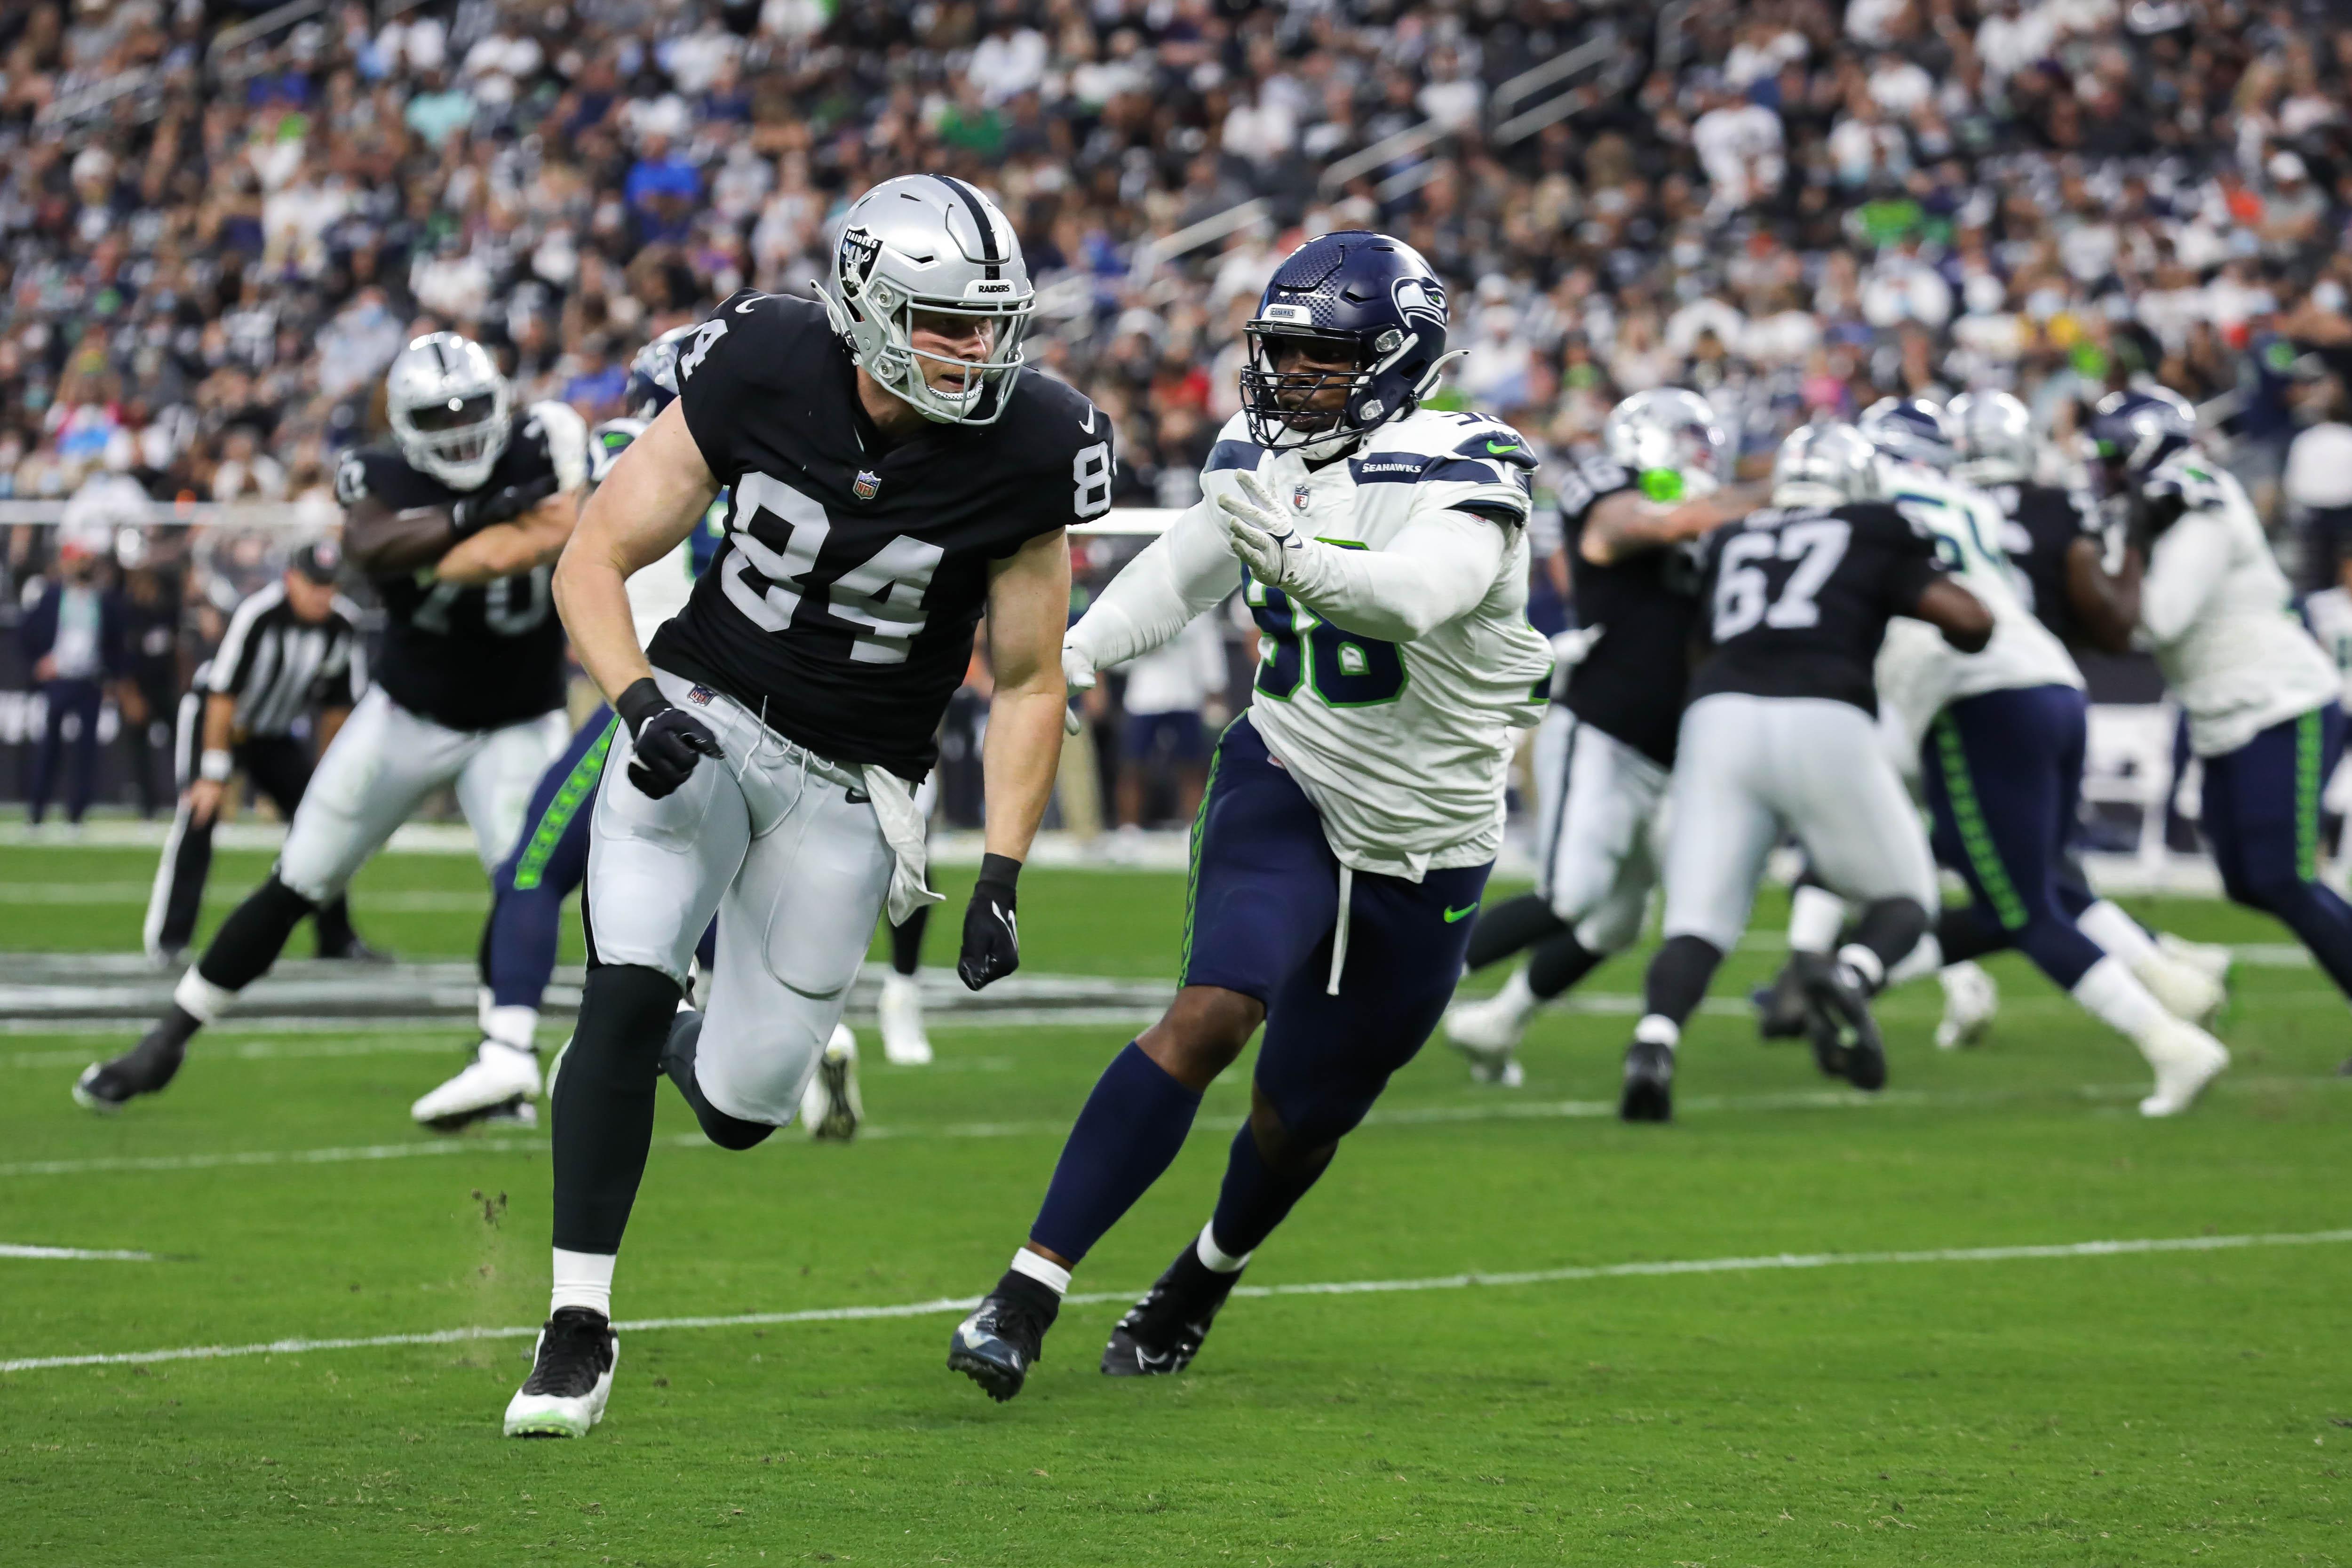 Las Vegas Raiders' tight end Matt Bushman (84) runs down the field during a preseason game against Seattle.